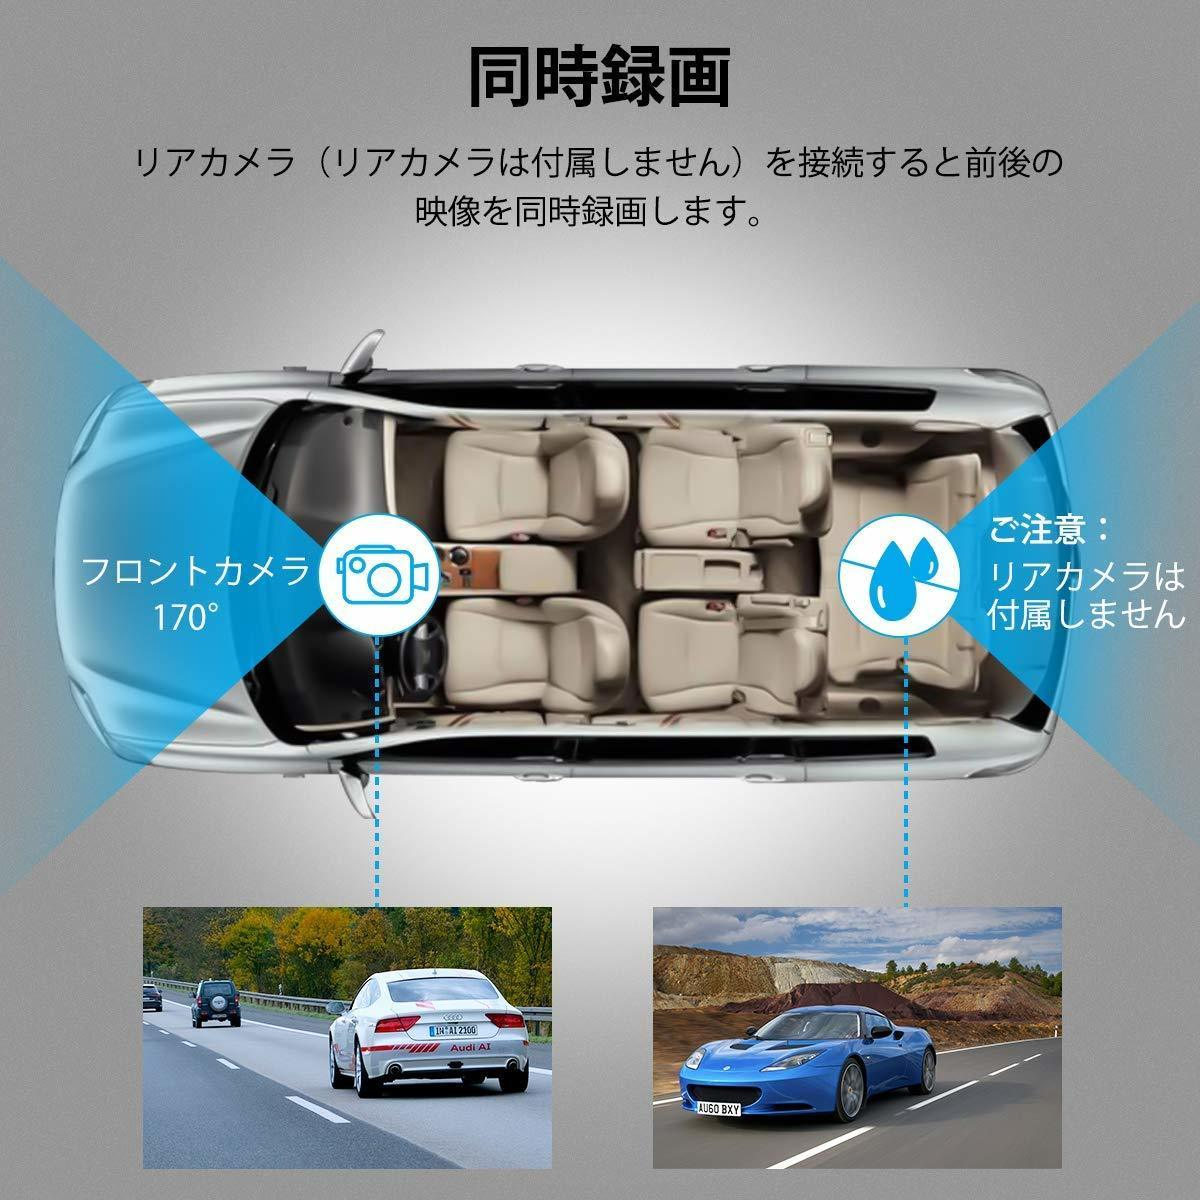 S54 ドライブレコーダー 車載カメラ 1080P フルHD Gセンサー ループ録画 駐車監視 WDR 衝撃録画 日本語 ブラック_画像5